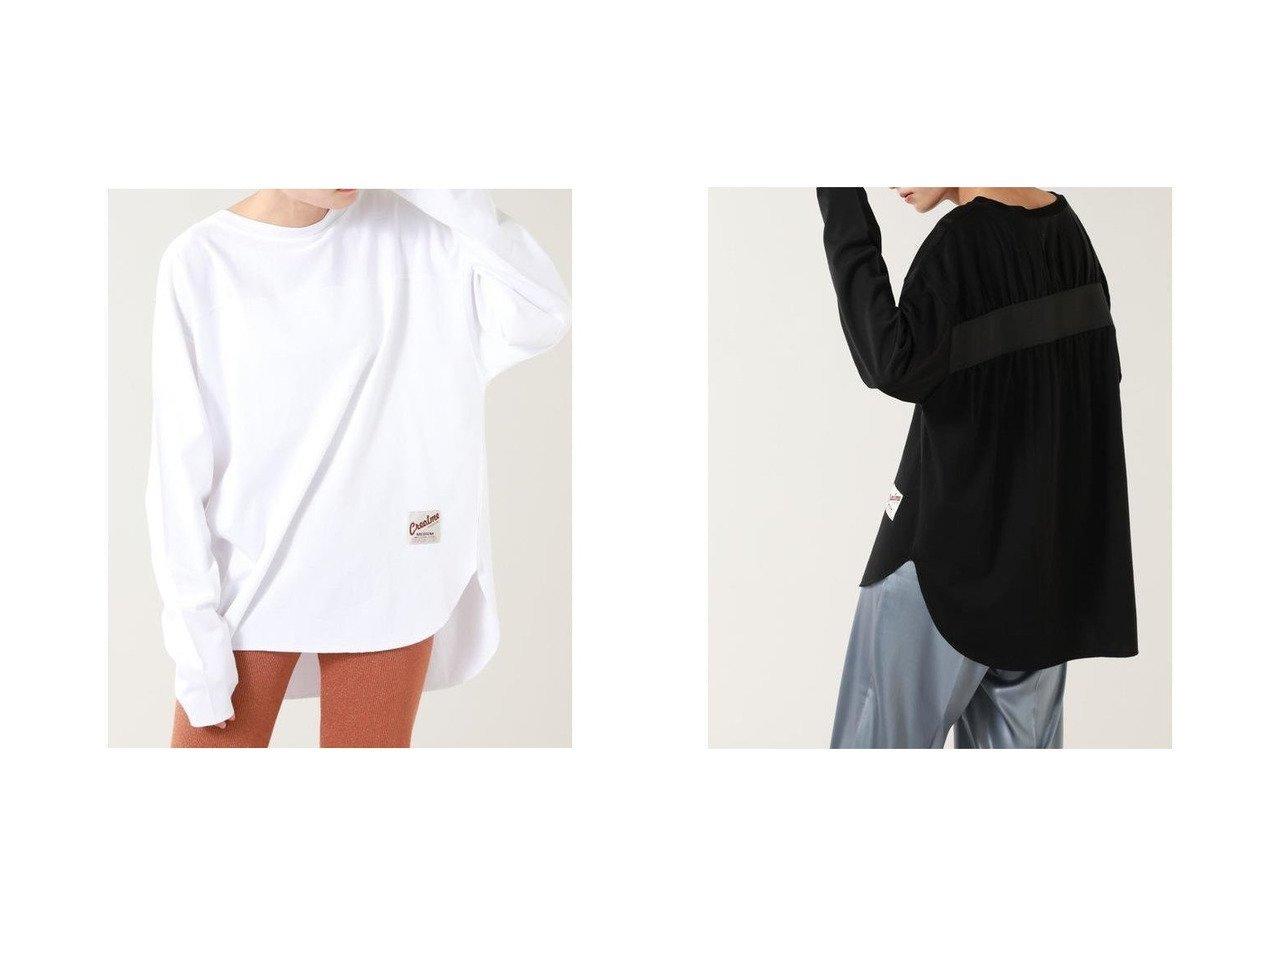 【ROSE BUD/ローズバッド】のバックギャザーデザインロンT トップス・カットソーのおすすめ!人気、トレンド・レディースファッションの通販 おすすめで人気の流行・トレンド、ファッションの通販商品 メンズファッション・キッズファッション・インテリア・家具・レディースファッション・服の通販 founy(ファニー) https://founy.com/ ファッション Fashion レディースファッション WOMEN トップス カットソー Tops Tshirt ロング / Tシャツ T-Shirts ギャザー モチーフ ヴィンテージ |ID:crp329100000022899